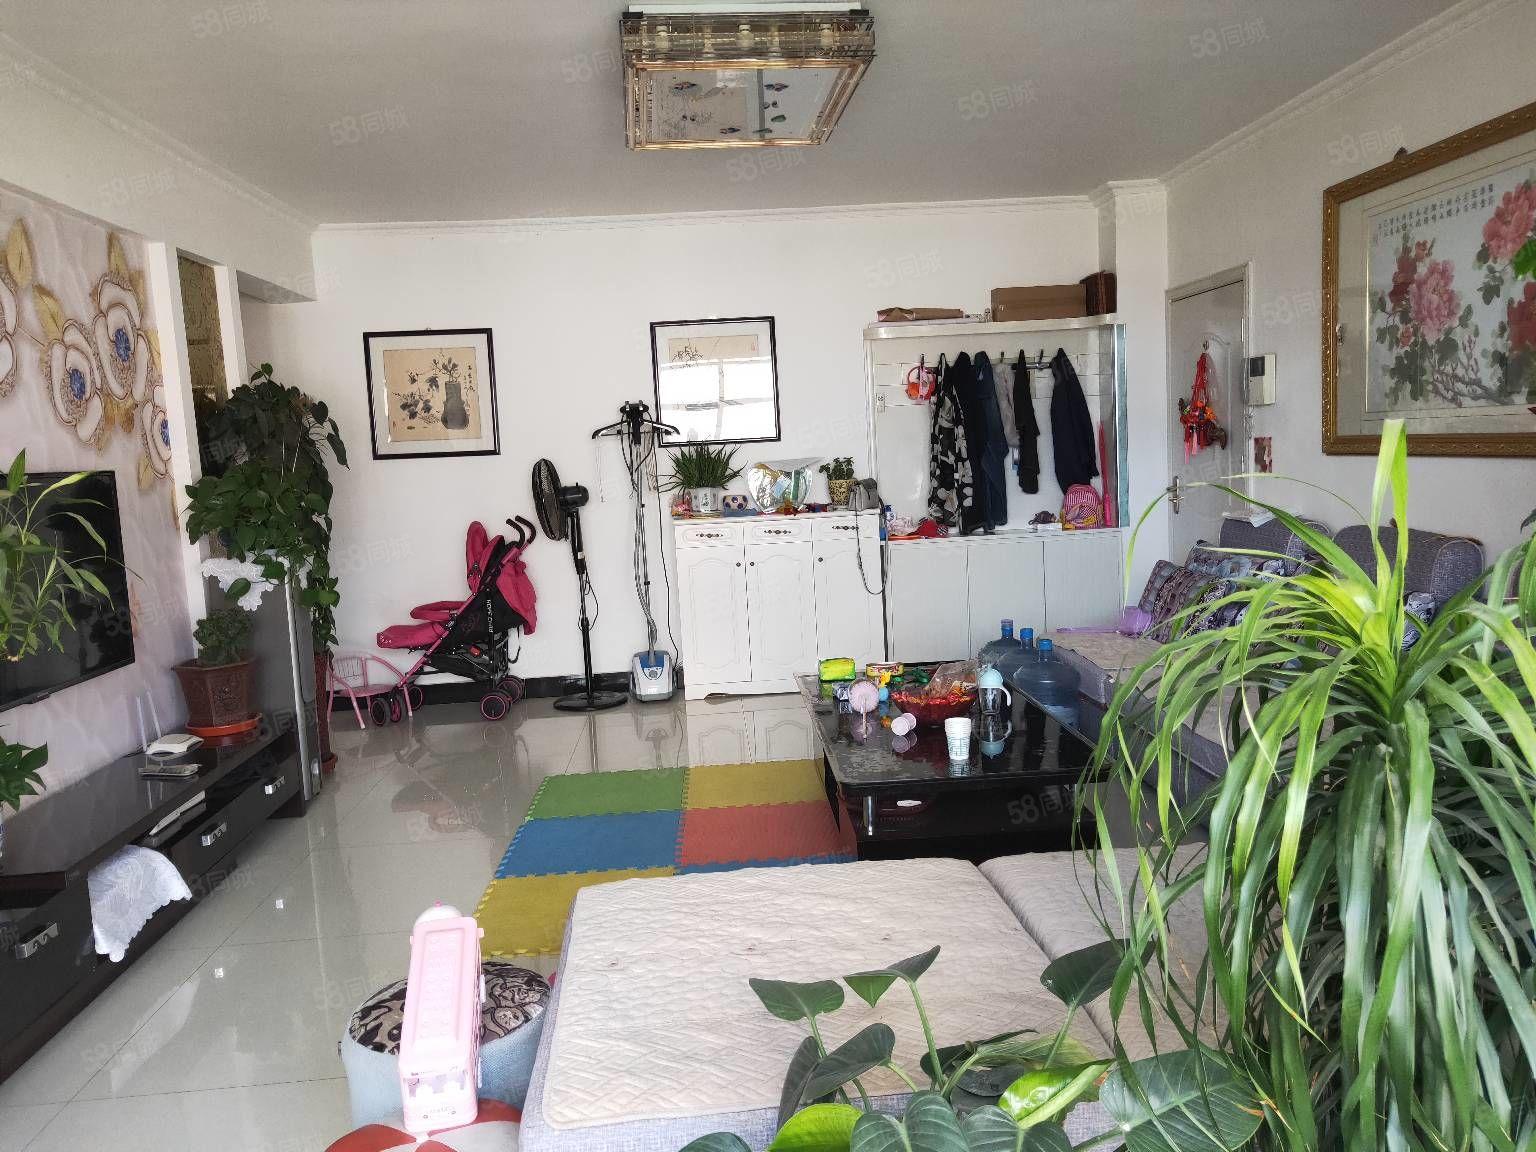 海天花园5楼106平米3室精装售57万元可小议价有证可贷款